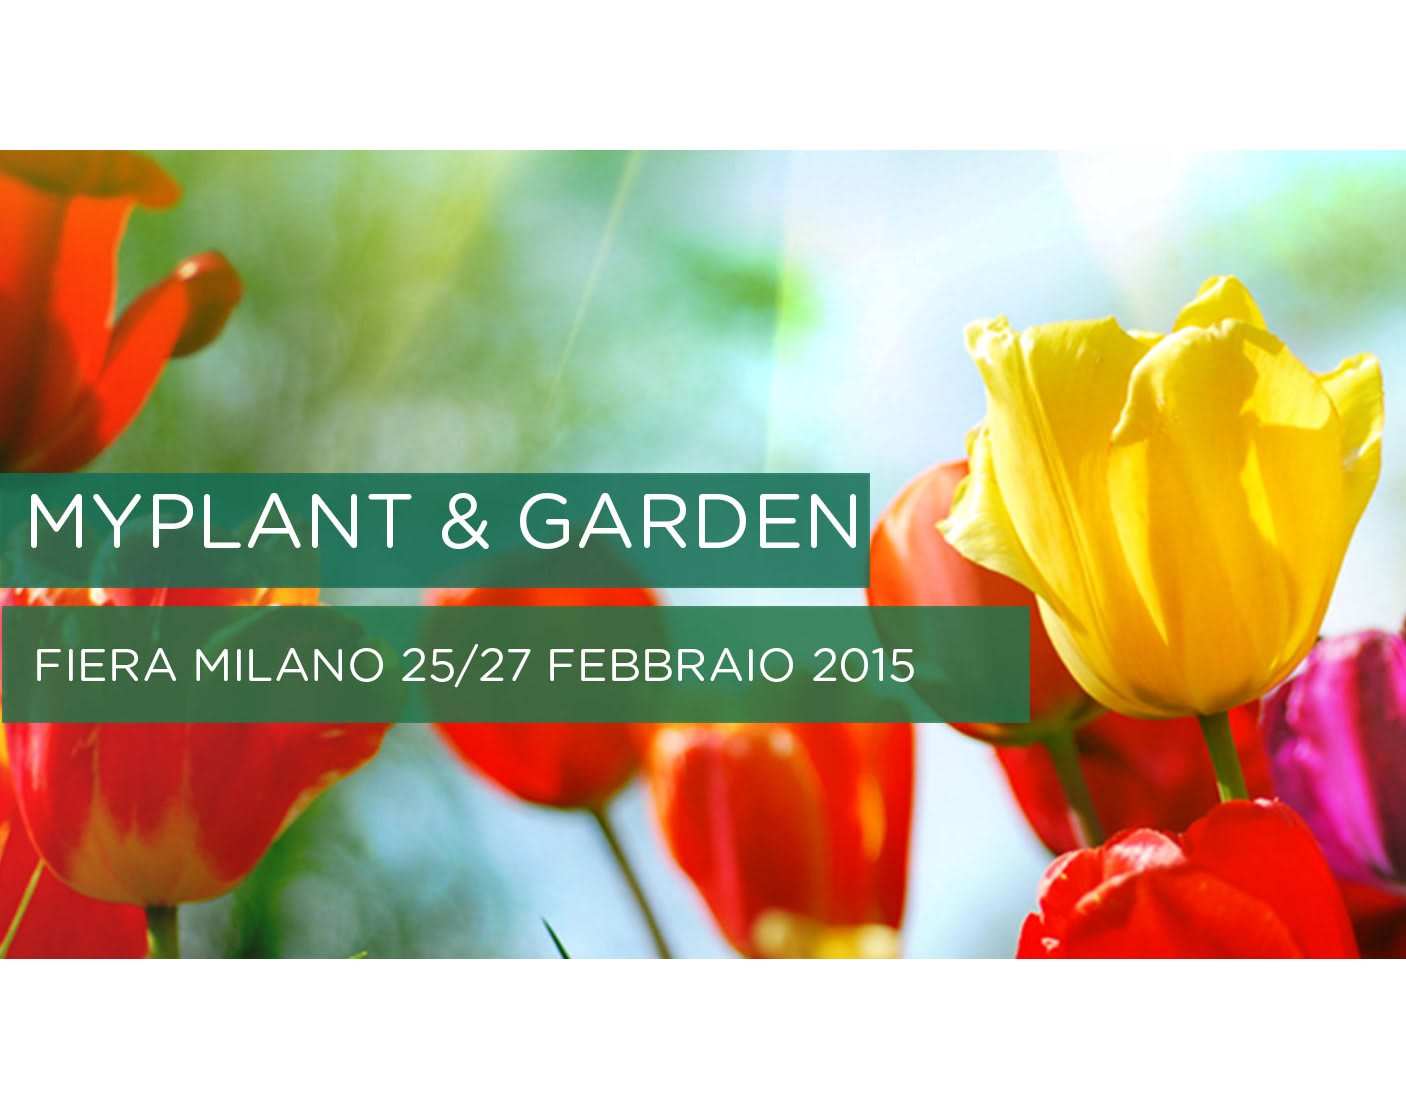 Myplant&Garden: internazionalità, business, verde e paesaggio